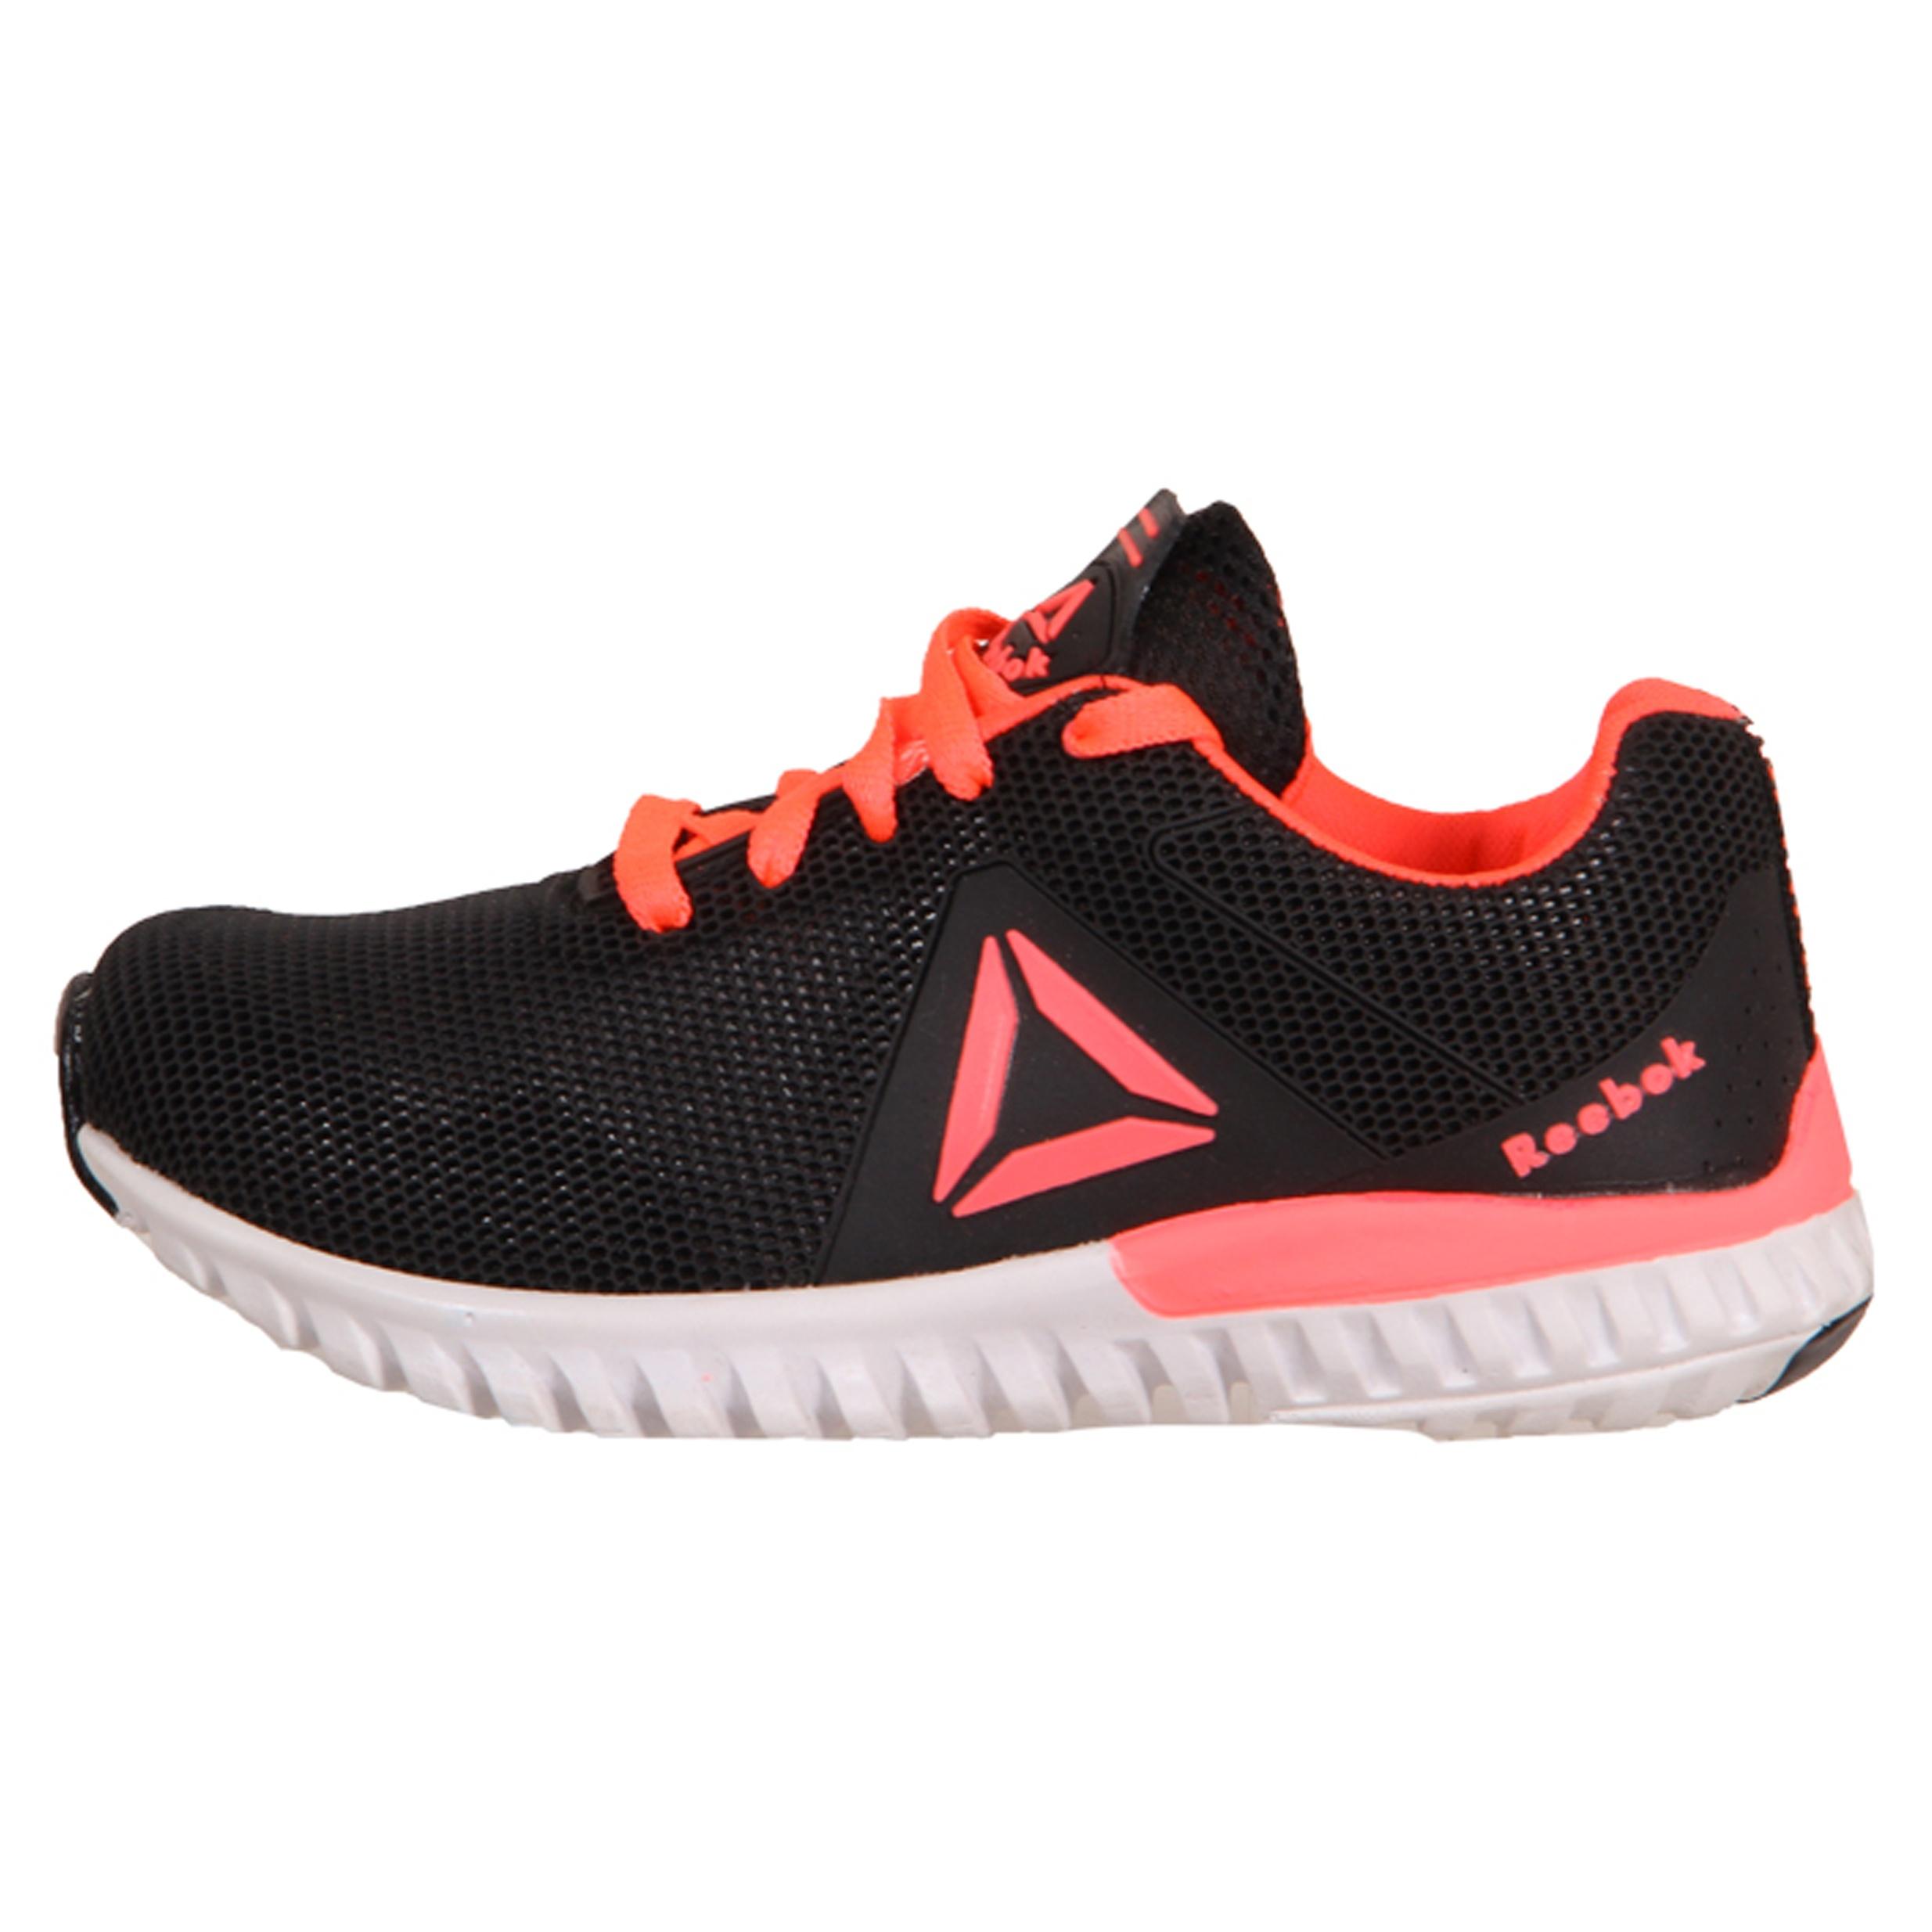 کفش مخصوص پیاده روی زنانه کد 59-2396150